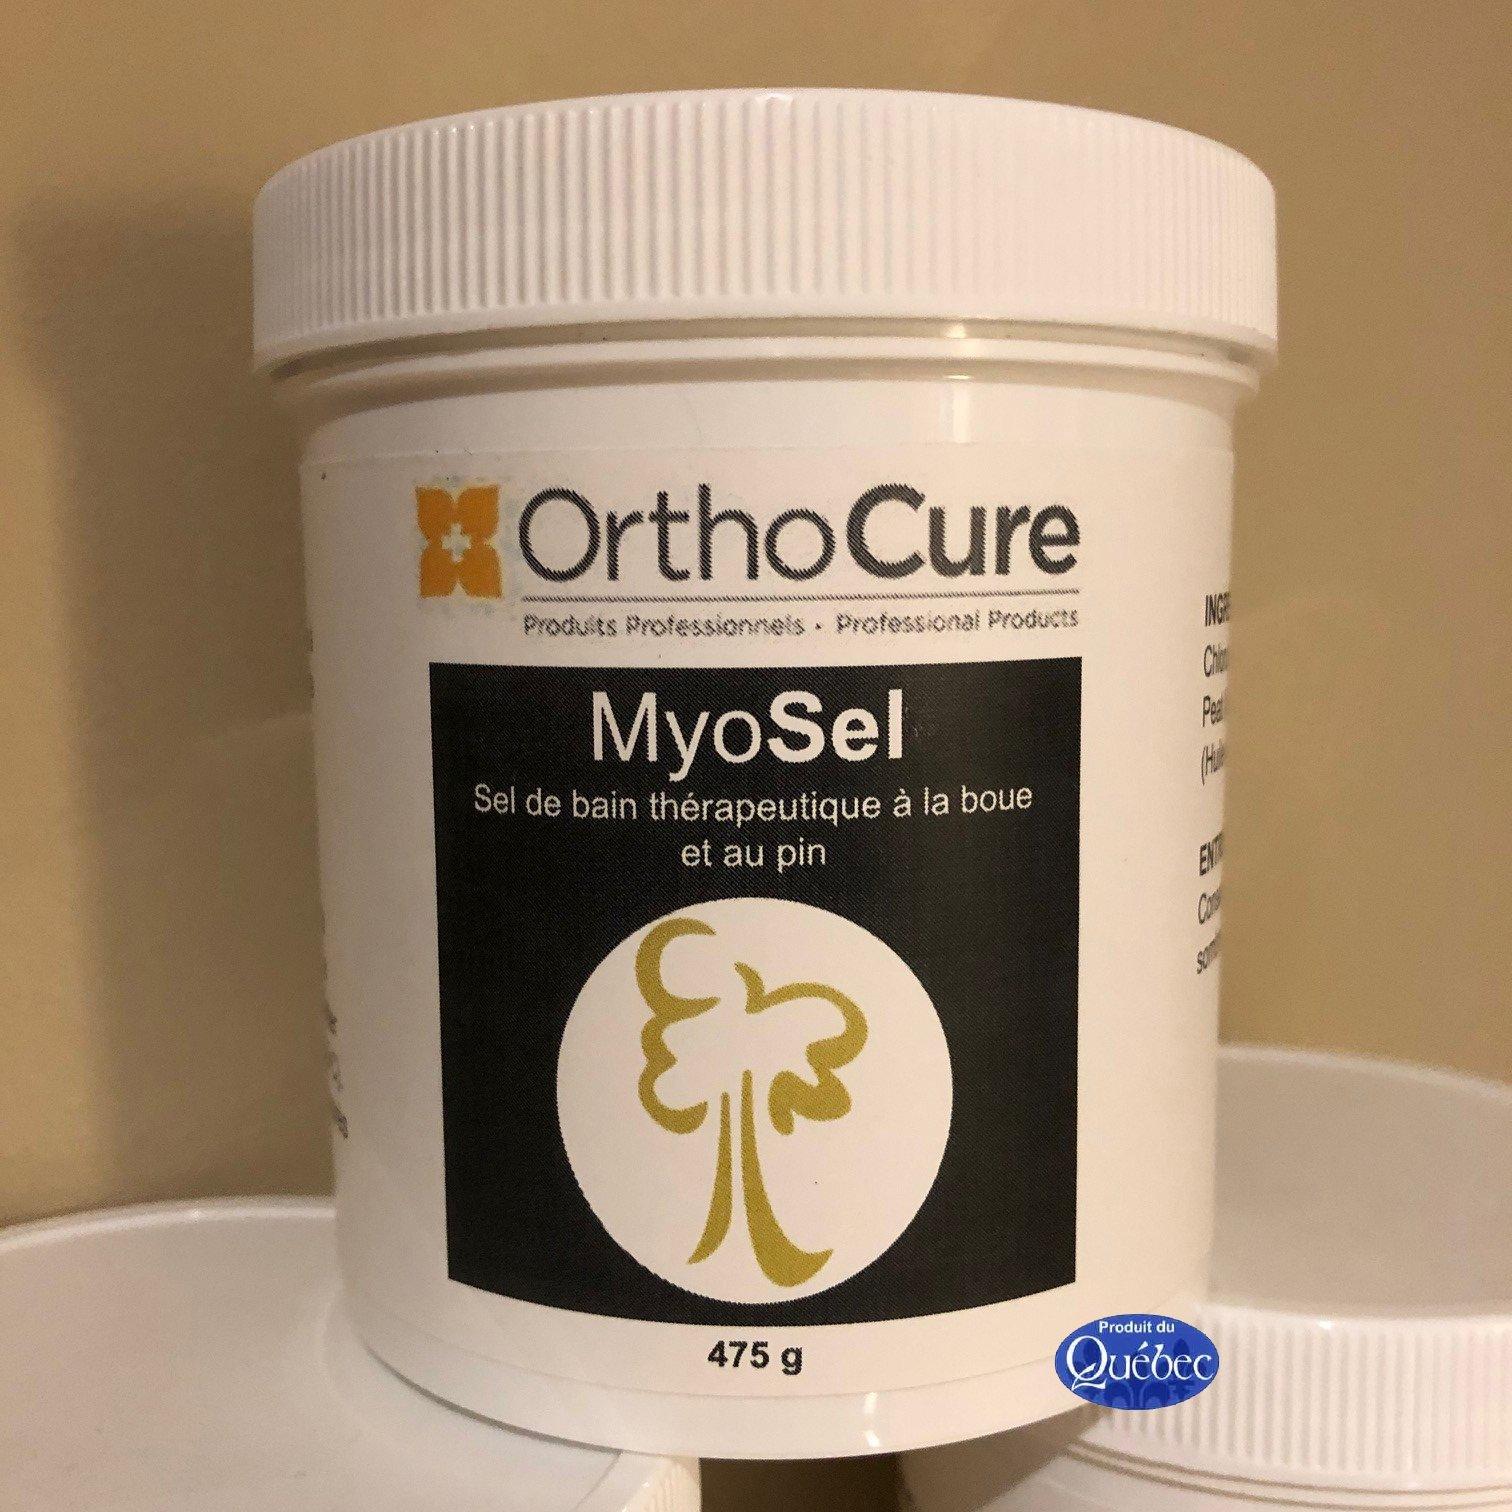 MyoSel 475 g (Bon pour 12 bains) Sel de bain thérapeutique à la boue et au pin 20.88$ plus taxes